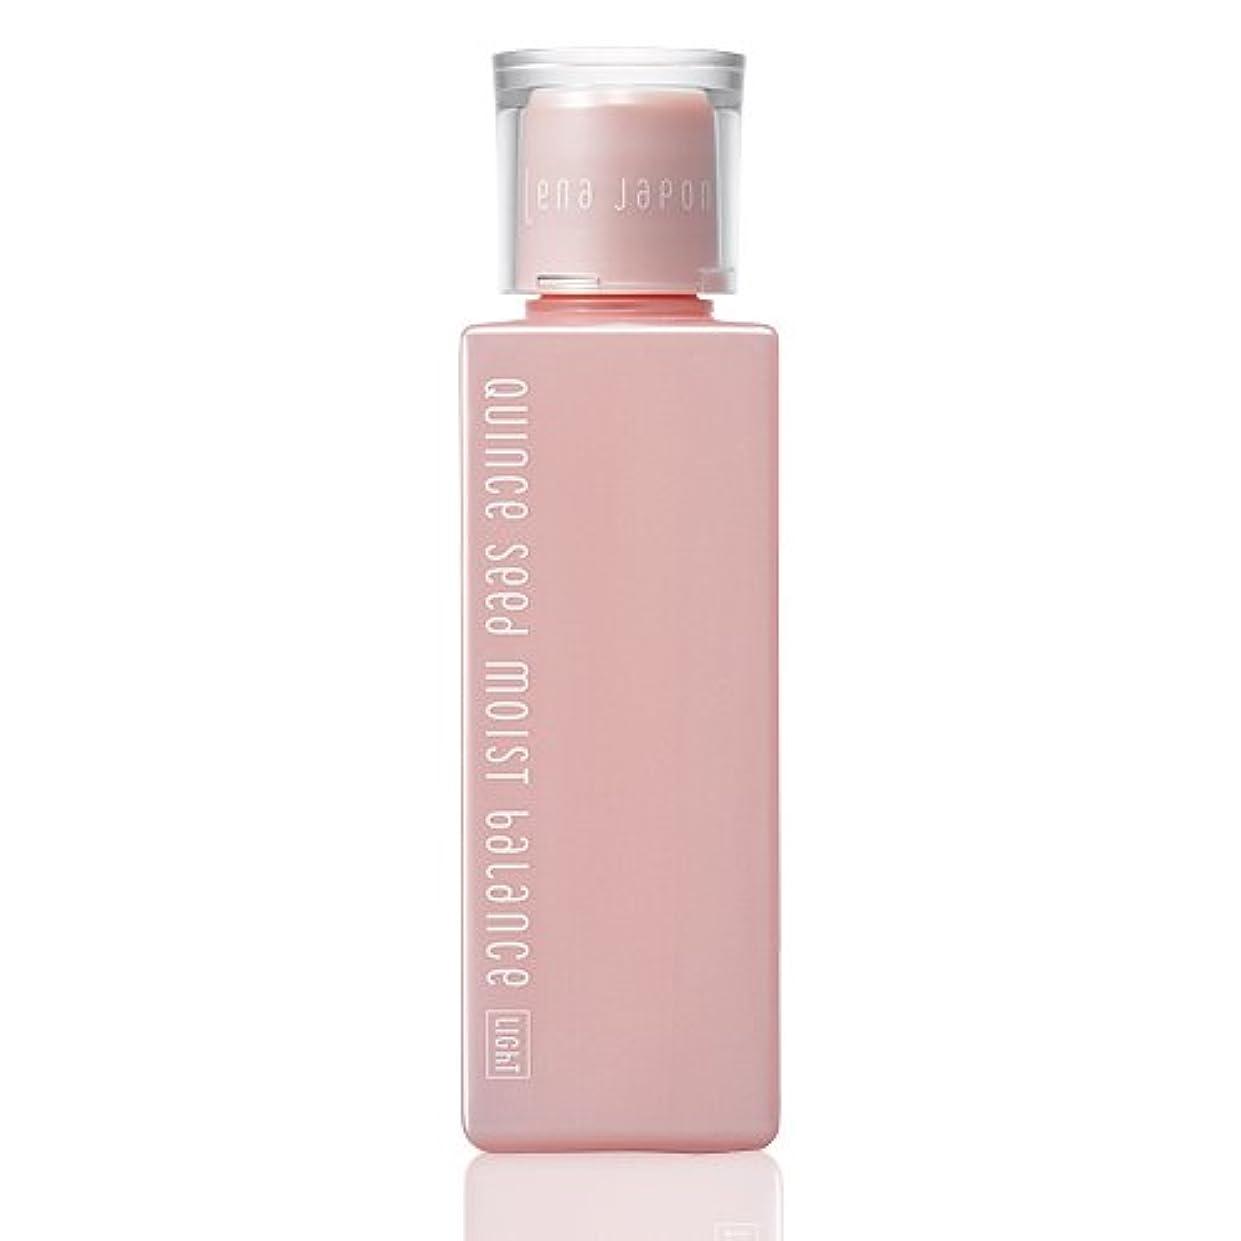 ぶら下がるワイド報酬のレナジャポン〈美容化粧液〉LJ モイストバランス L(さっぱりタイプ)/ LENAJAPON〈moisturizing beauty essential lotion〉LJ MOIST BALANCE L (light)